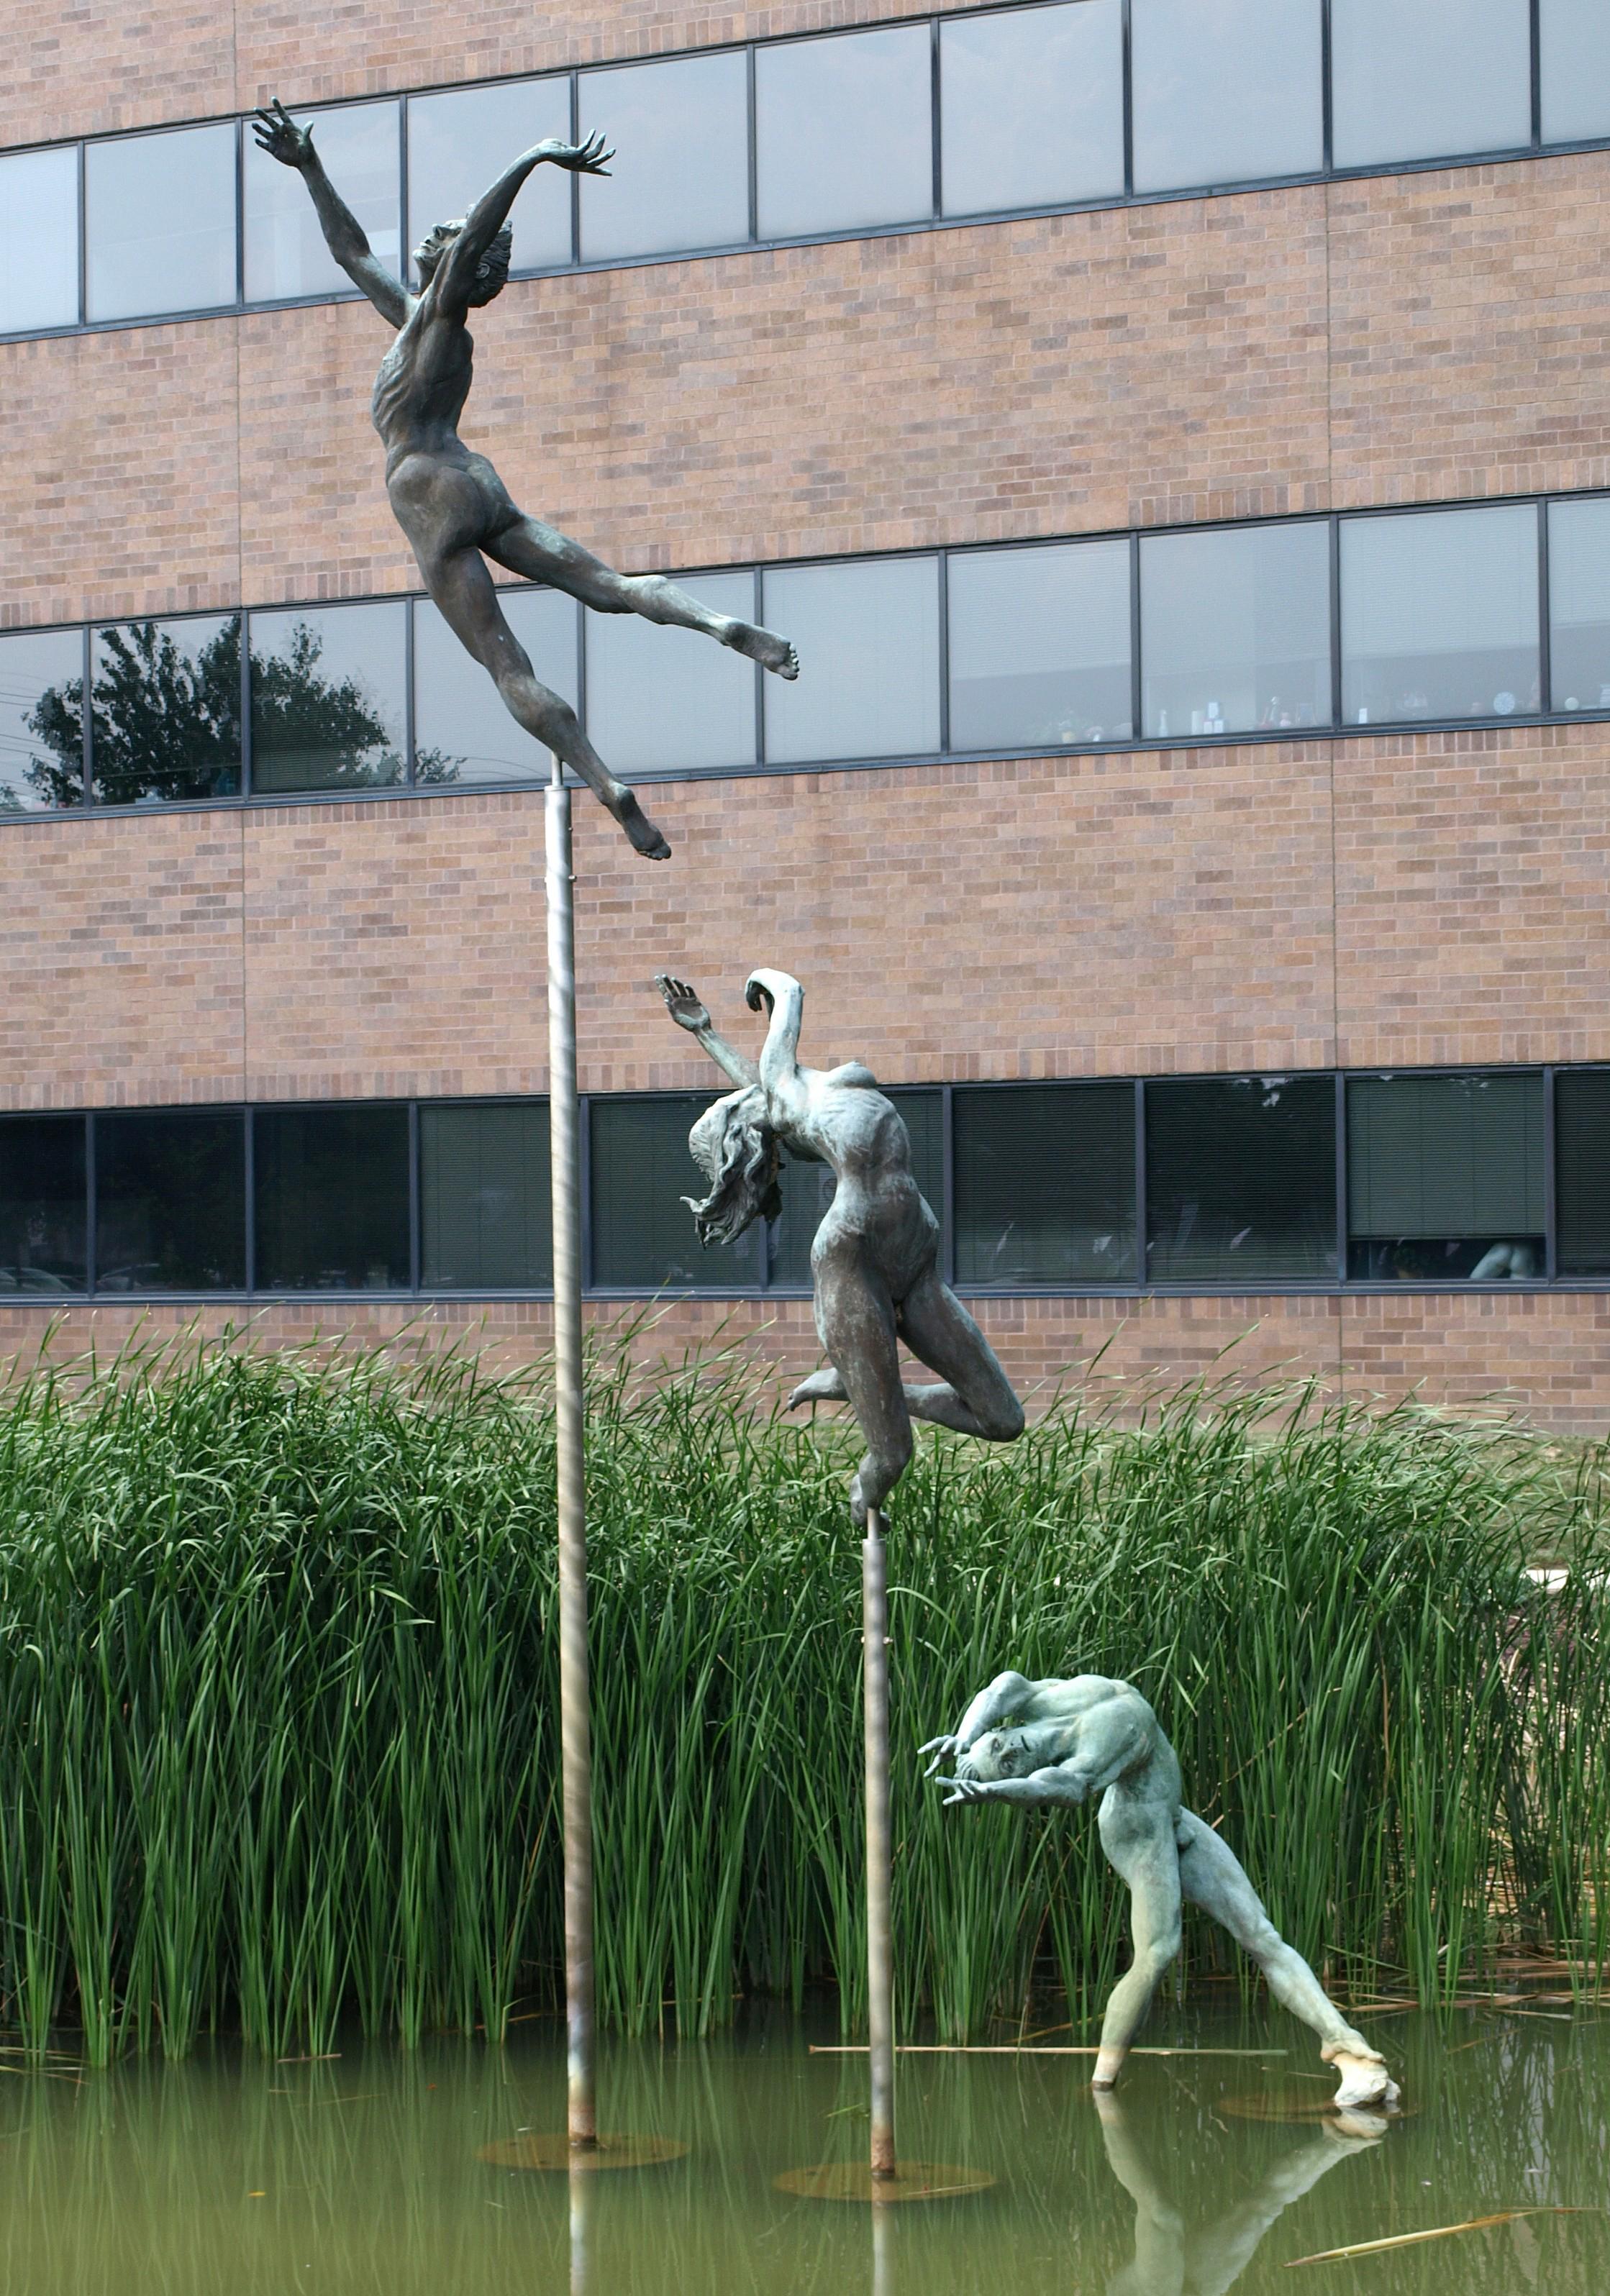 Dream, public sculpture